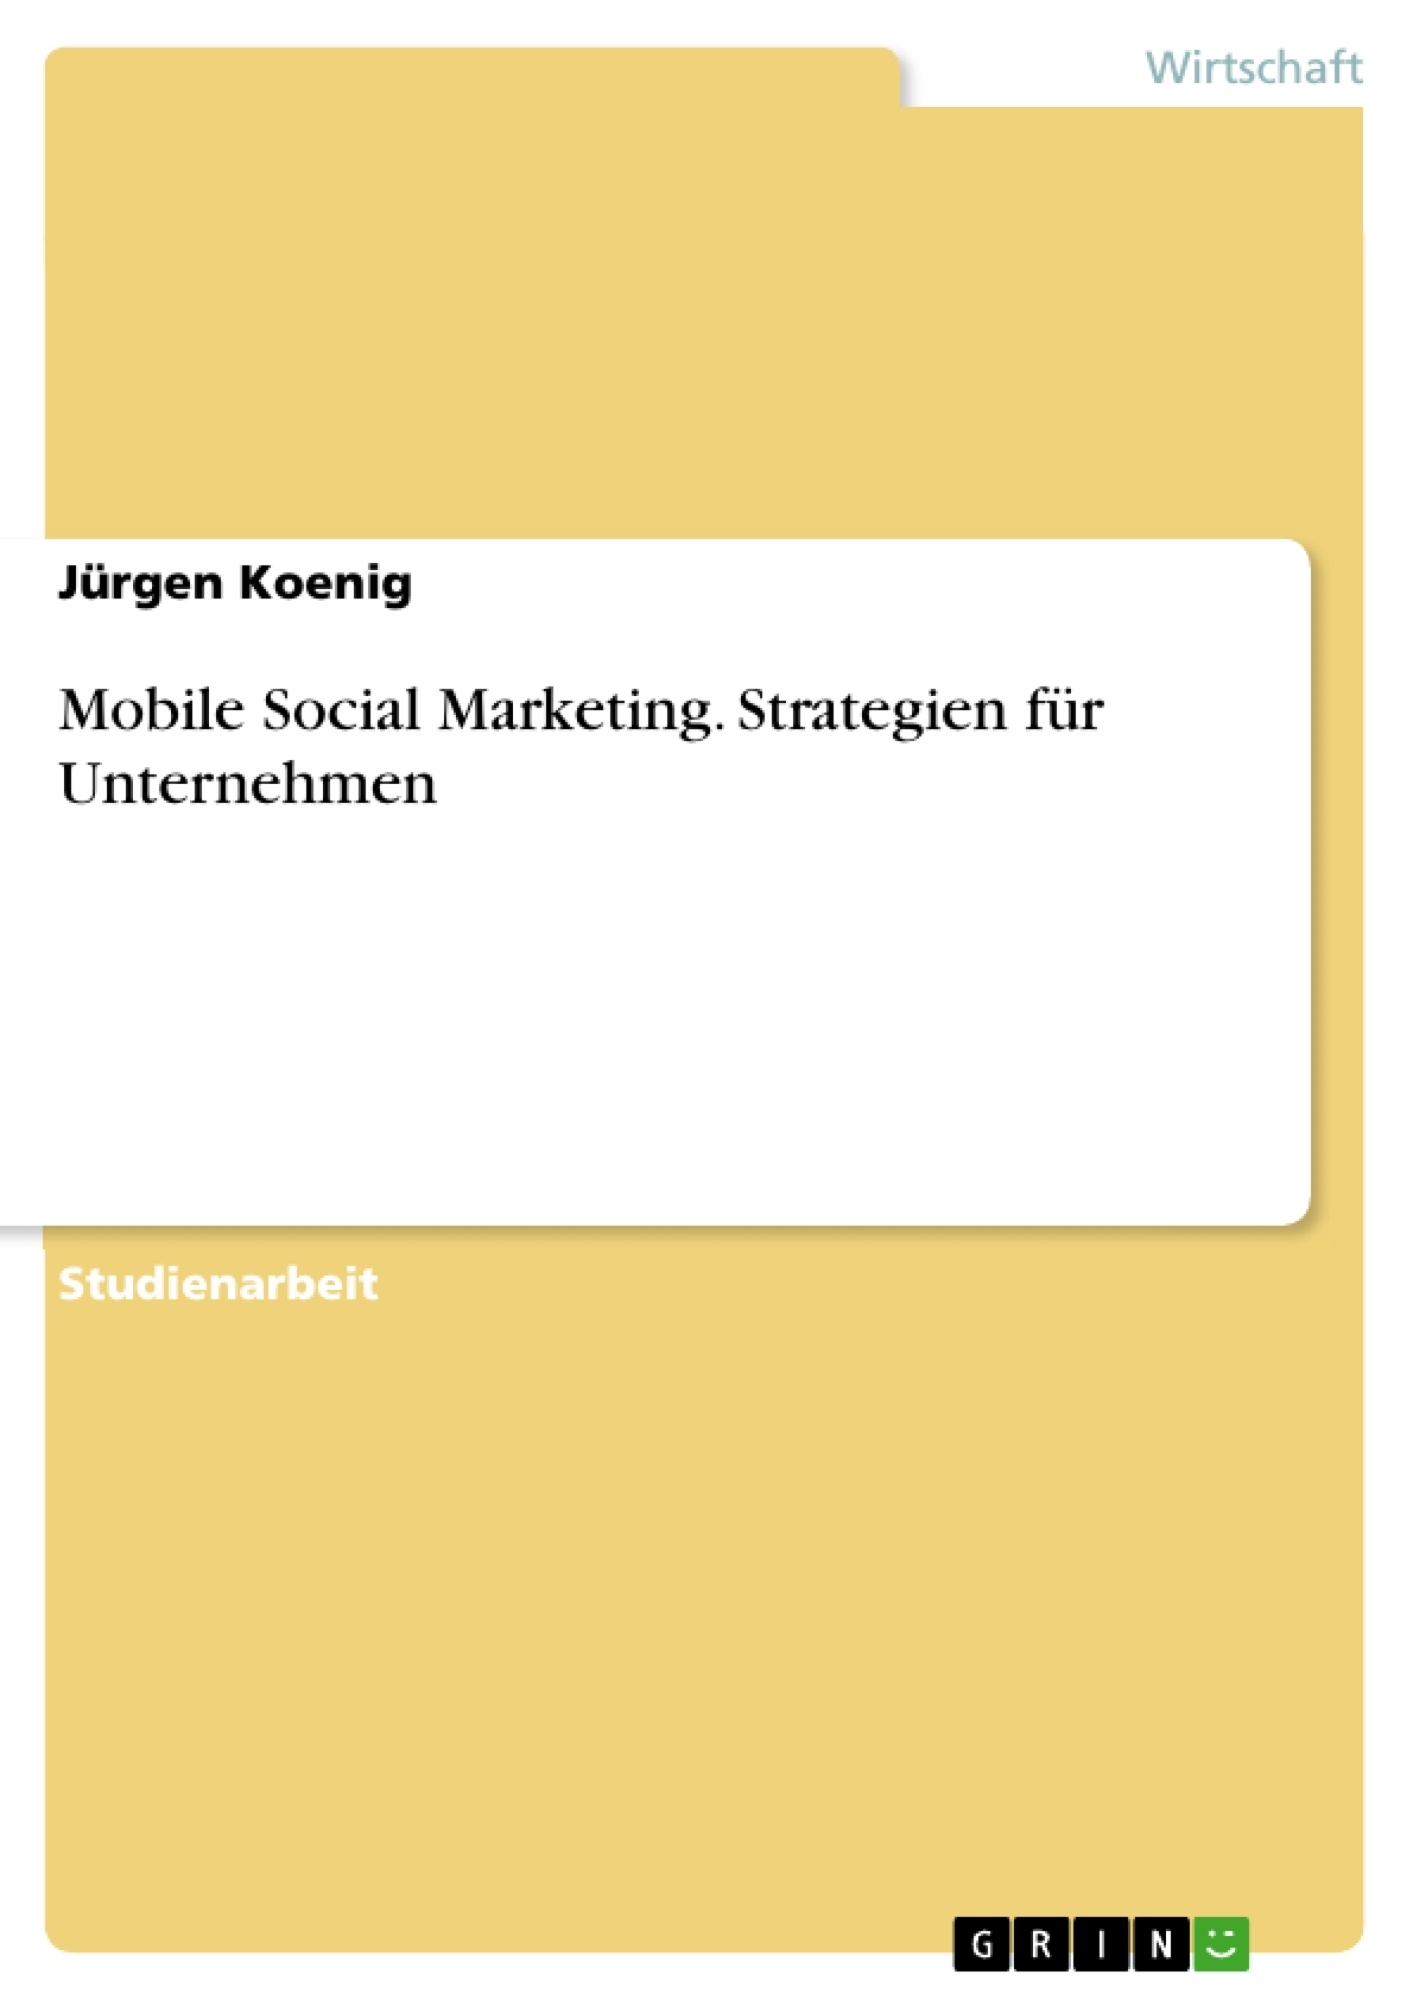 Titel: Mobile Social Marketing. Strategien für Unternehmen